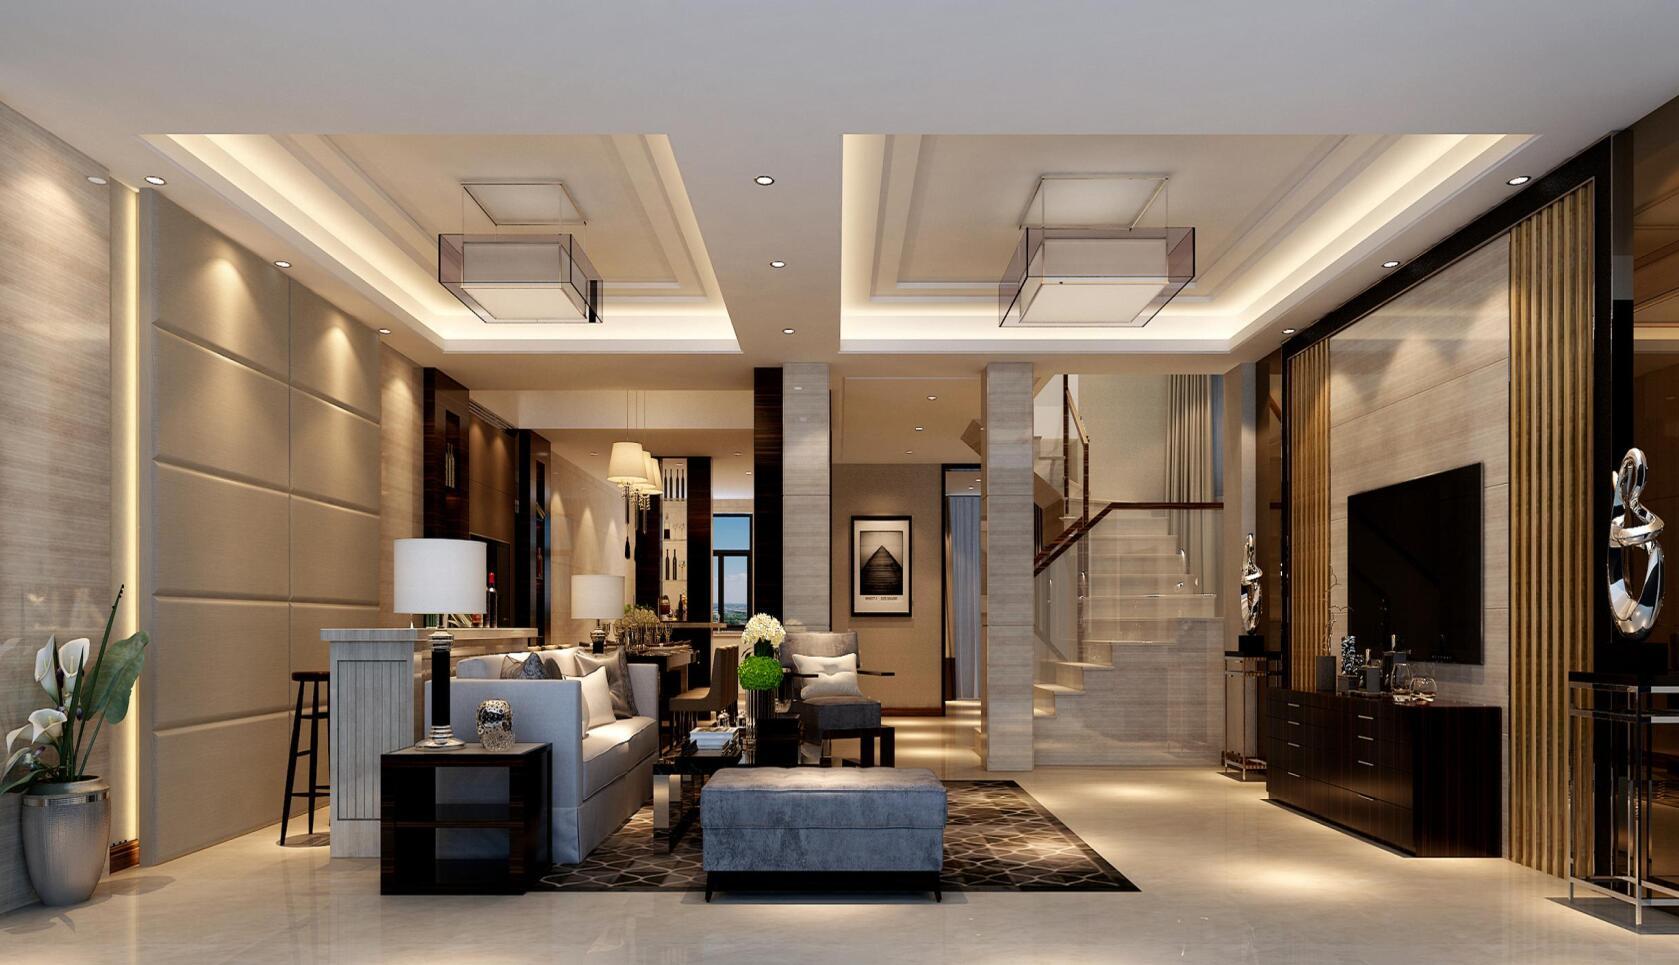 东郊华庭 装修设计 新中式风格 腾龙设计 曹晖作品 客厅图片来自设计师曹晖在东郊华庭别墅装修新中式设计的分享